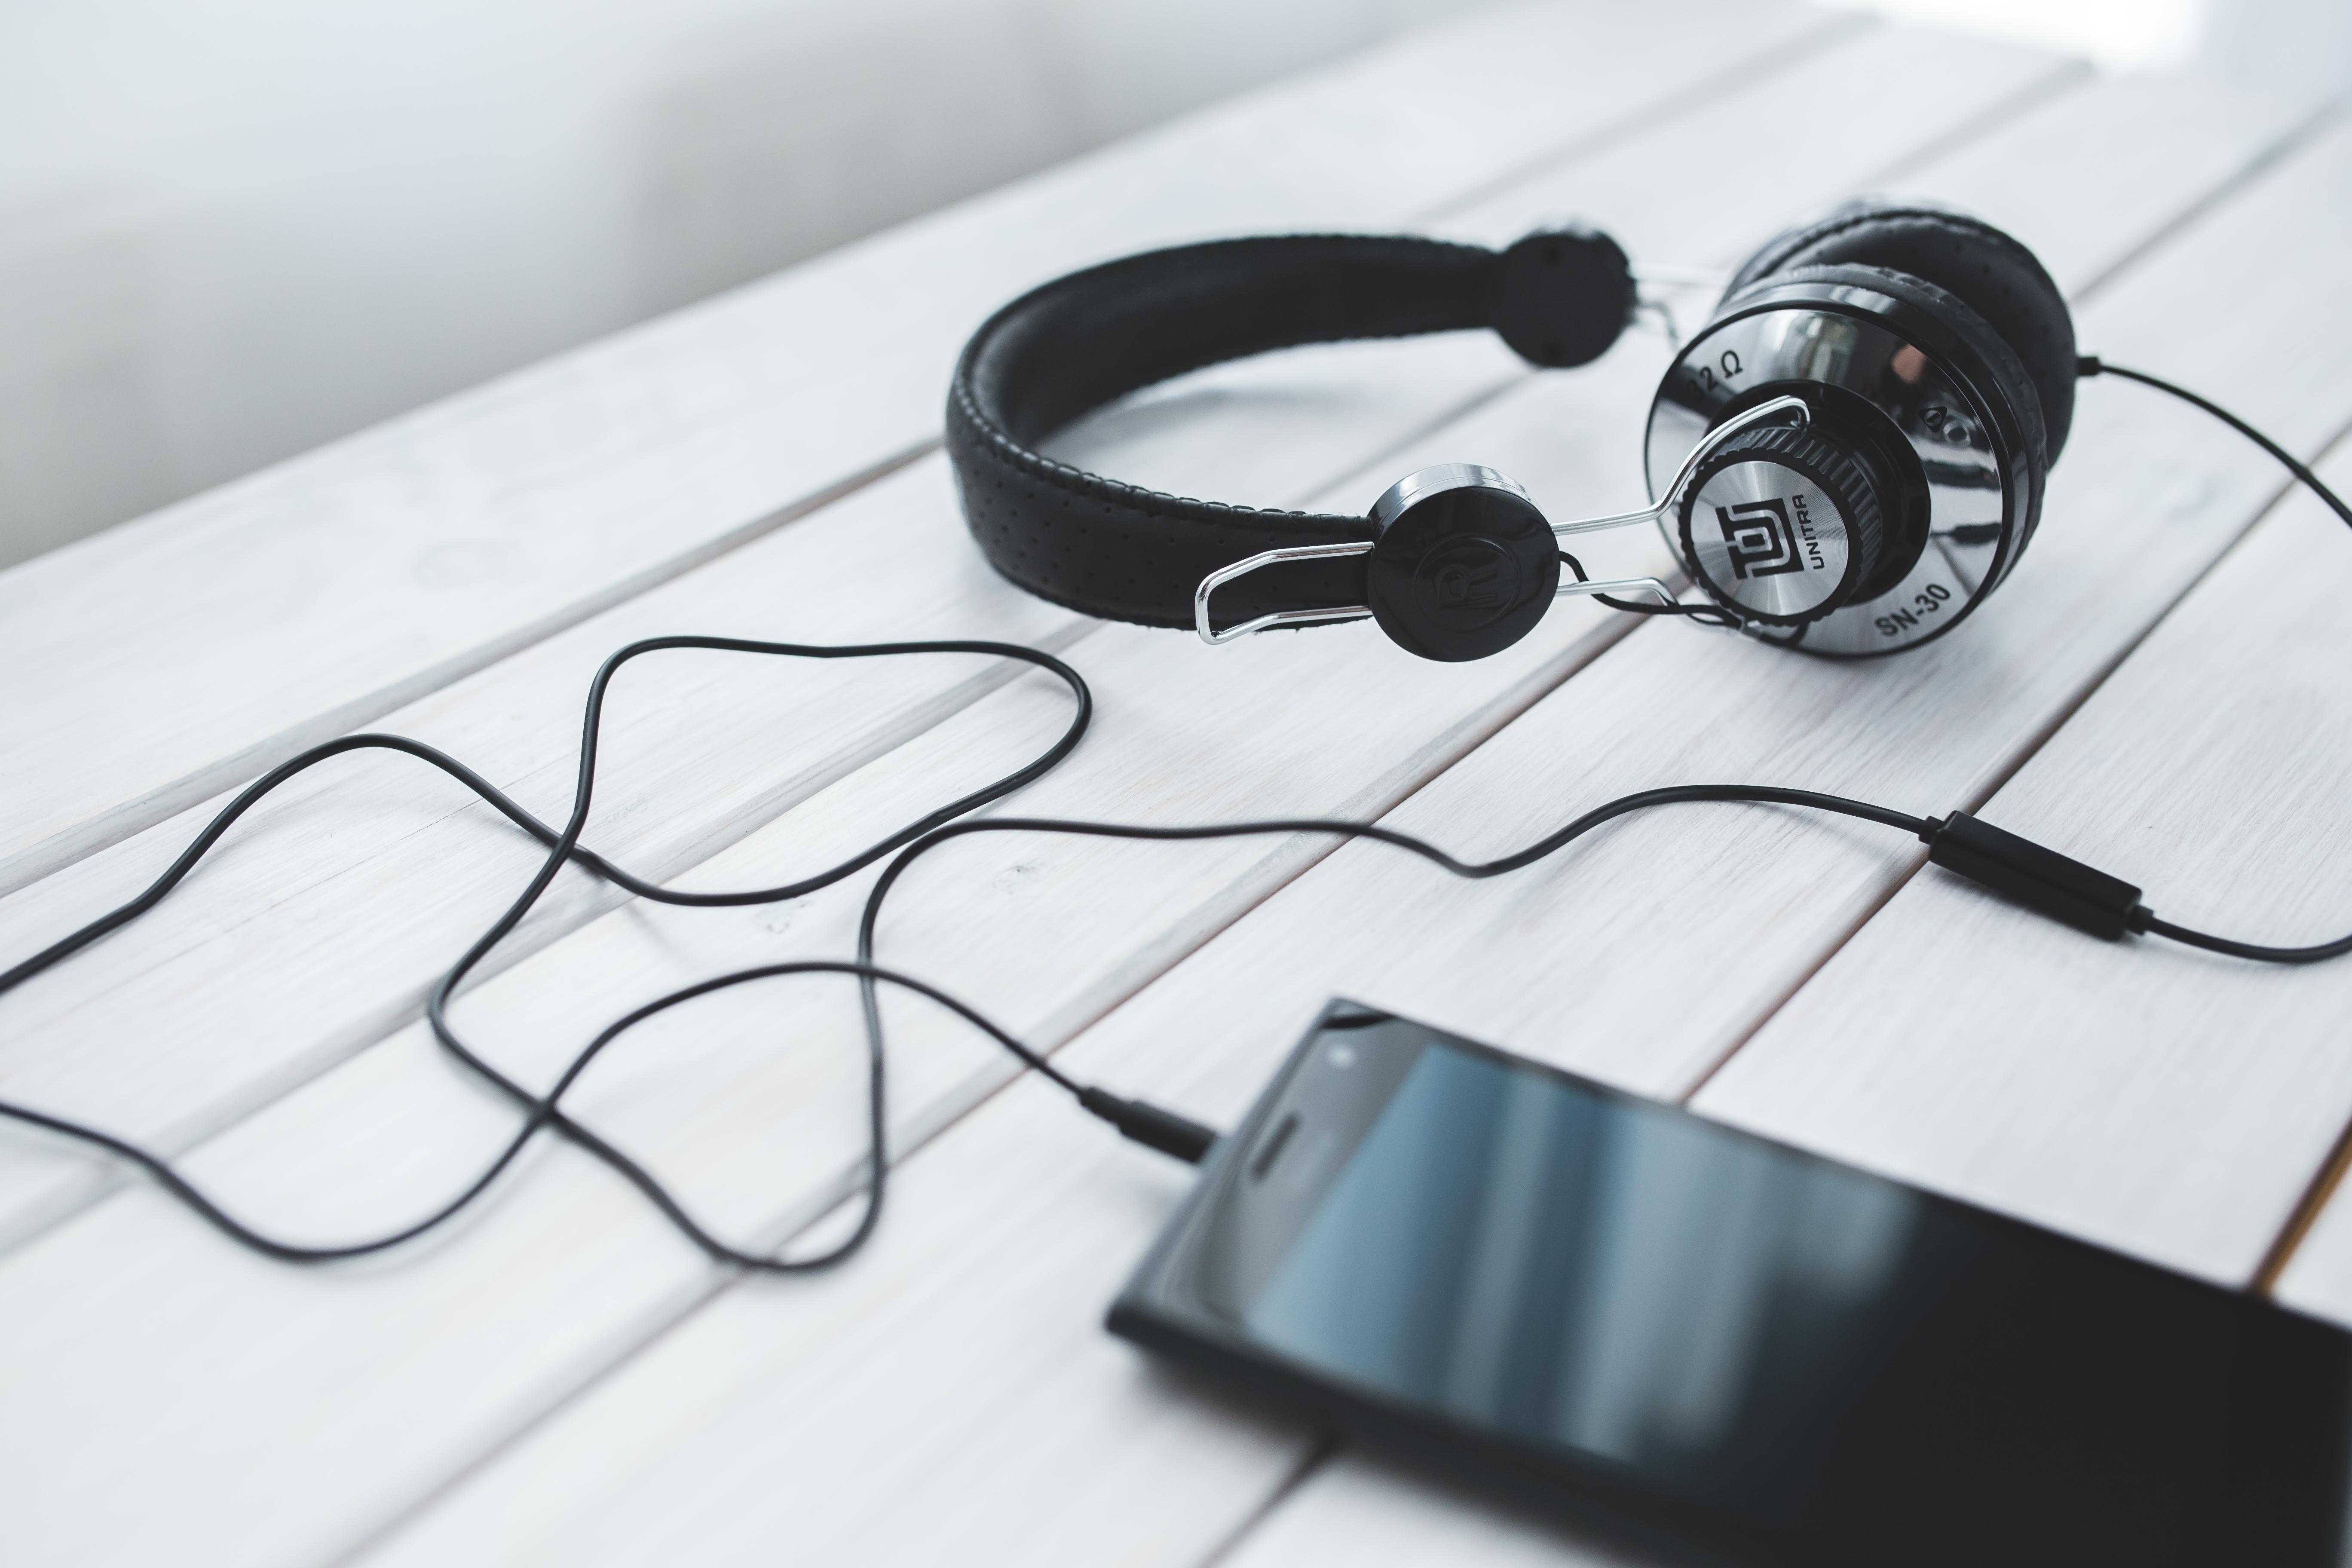 Audiolibros: una nueva posibilidad